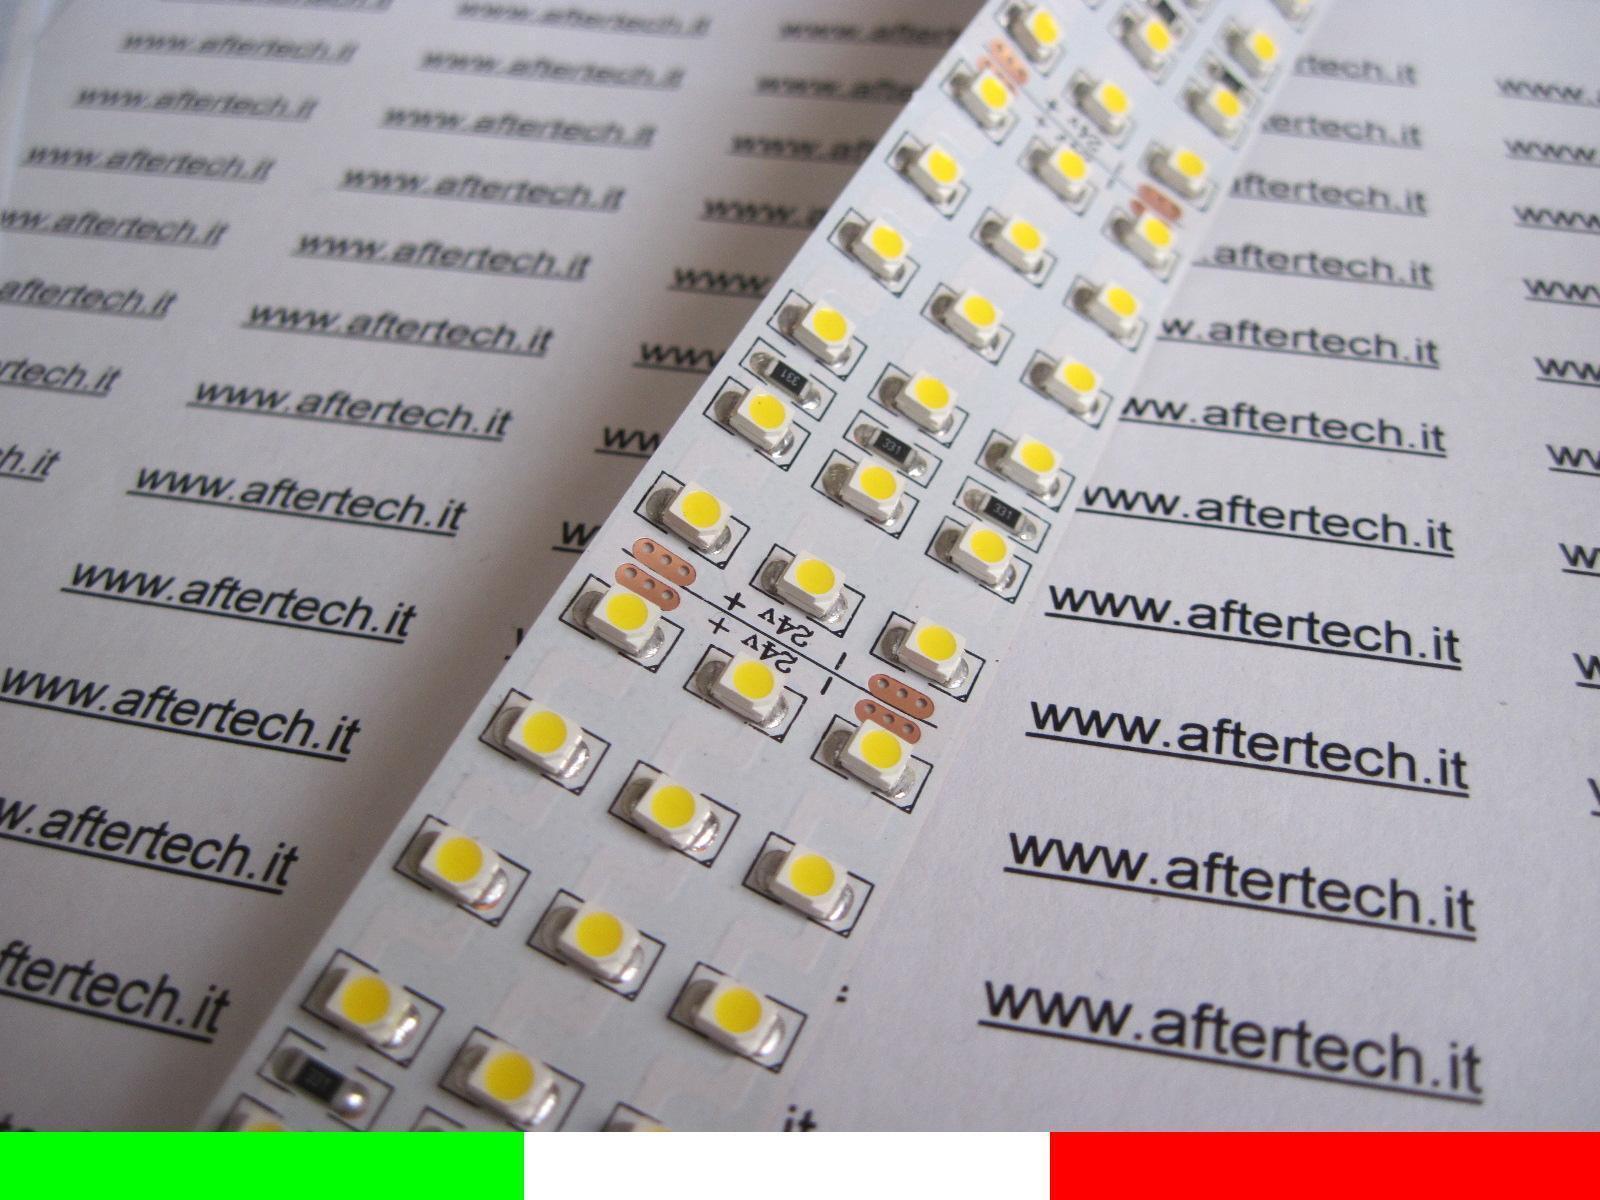 1800 DEL 5m strip Streifen sehr hohe Leistung warmweiß 100w 5400 Lumen C5B1   Online-verkauf